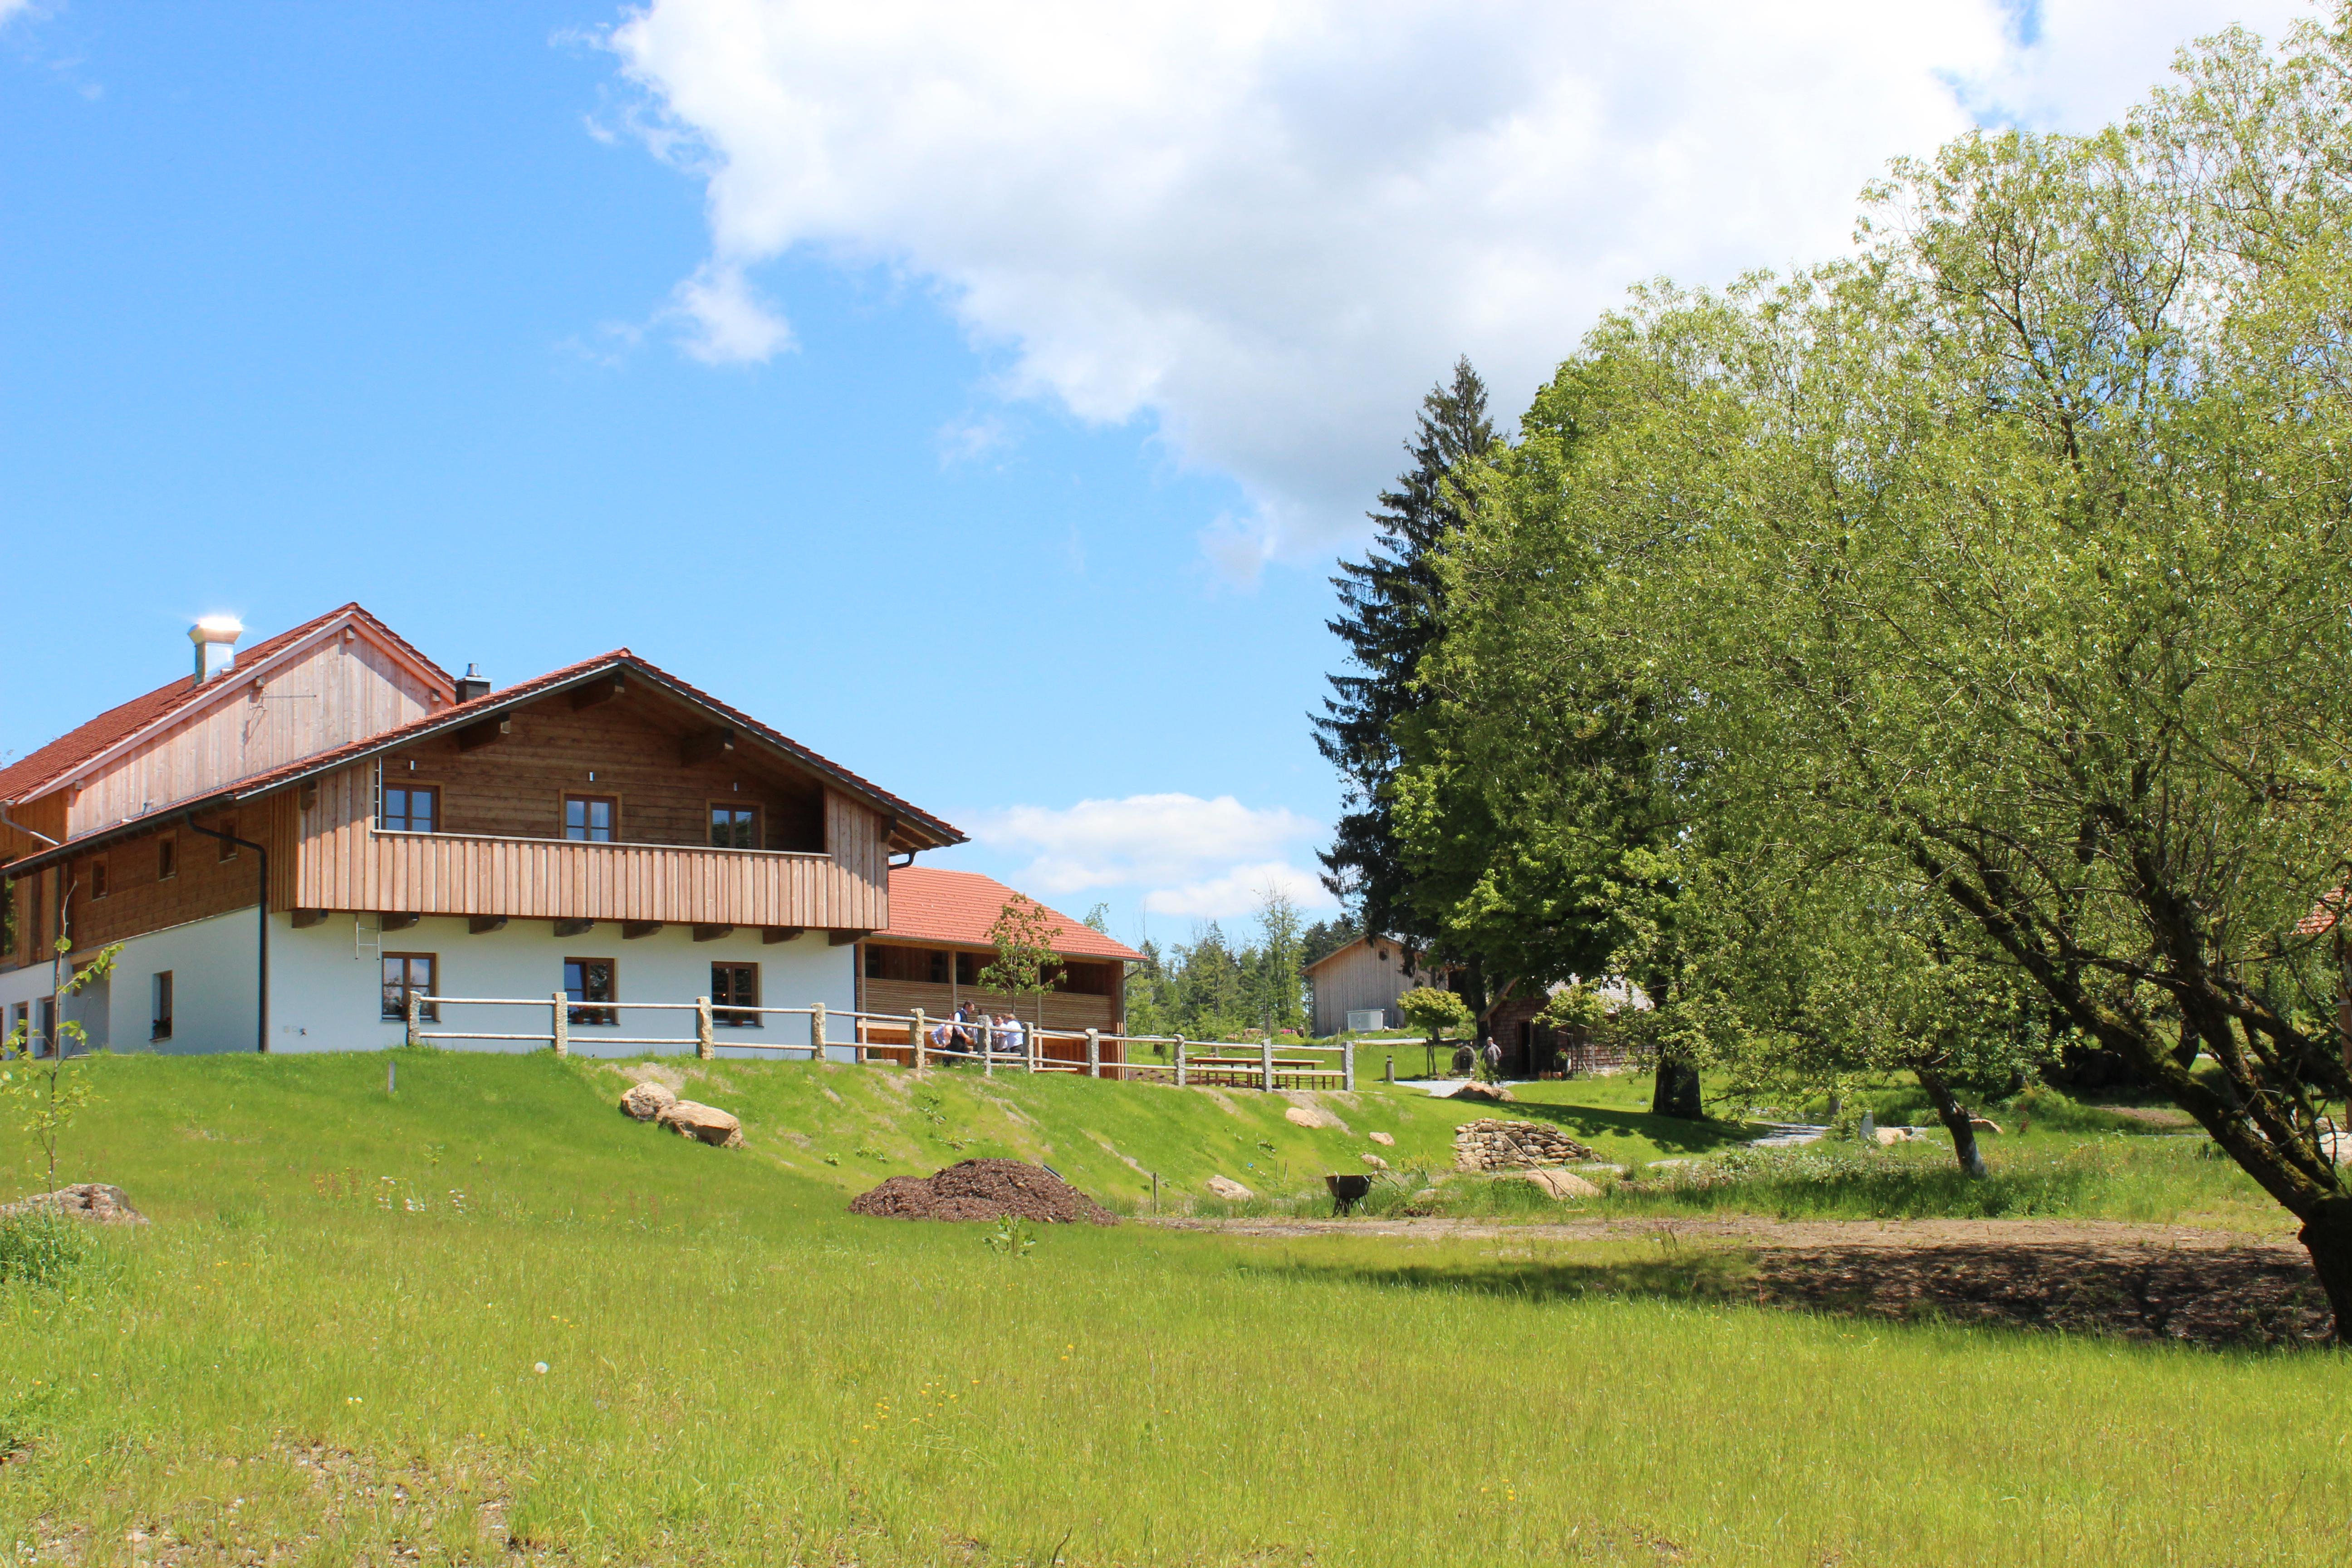 Bauernhaus Bayrische Berge April Pole Camp Deutschland